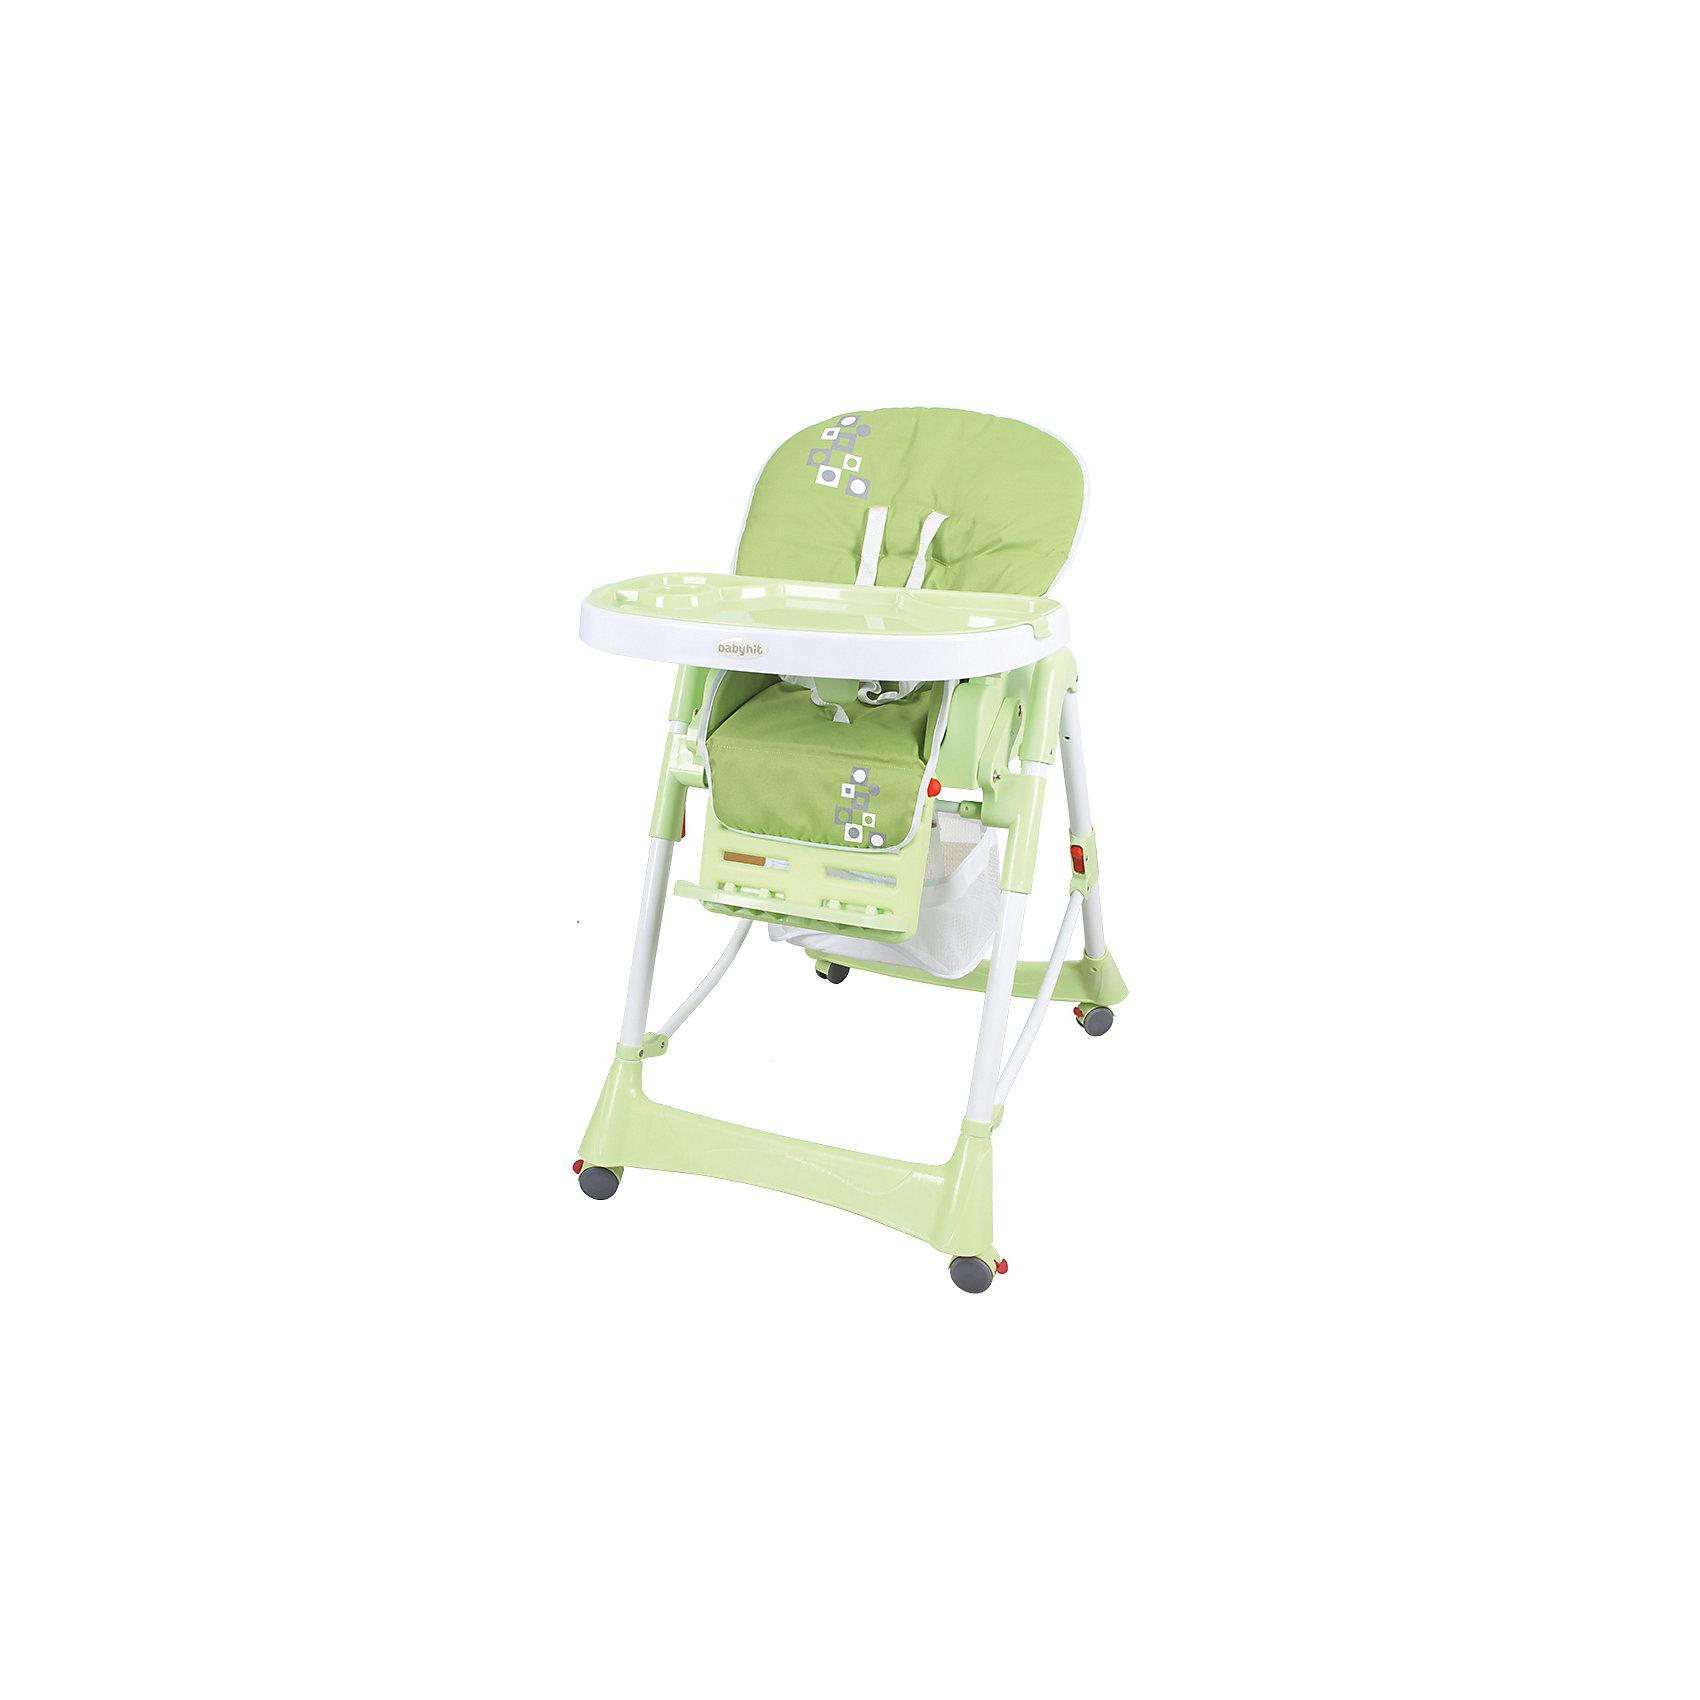 Стульчик для кормления Appetite, Baby Hit, зеленыйот +6 месяцев<br>Appetite, BabyHit (бэби хит) – стульчик для кормления детей от 6 месяцев до 3 лет.   Наклон спинки стульчика и высота сидения регулируются. Для удобного перемещения по квартире предусмотрены колеса с фиксаторами. Стульчик легко складывается и занимает мало места, что особенно удобно  для маленькой кухни.  Для безопасности малыша есть пятиточечные ремни безопасности и паховая перегородка. На подносе имеются углубления для стаканов и бутылочек. Кроме того, внизу стульчика есть специальная корзина для игрушек, которая обязательно пригодится маленьким непоседам.<br>Особенности и преимущества:<br>-5-точечные ремни безопасности<br>-паховая перегородка<br>-5 положений по высоте, 3 положения столика, регулируемый наклон спинки<br>-корзина для игрушек<br>-колеса с фиксаторами<br>Размеры: 70x29x49<br>Вес: 9,4 кг<br>Приобретайте стульчик Appetite в нашем интернет-магазине.<br>ВНИМАНИЕ! Данный артикул имеется в наличии в разных цветовых исполнениях (бежевый, голубой, зеленый, красный).  К сожалению, заранее выбрать определенный цвет не возможно.<br><br>Ширина мм: 490<br>Глубина мм: 290<br>Высота мм: 700<br>Вес г: 10500<br>Возраст от месяцев: 6<br>Возраст до месяцев: 36<br>Пол: Унисекс<br>Возраст: Детский<br>SKU: 4881280